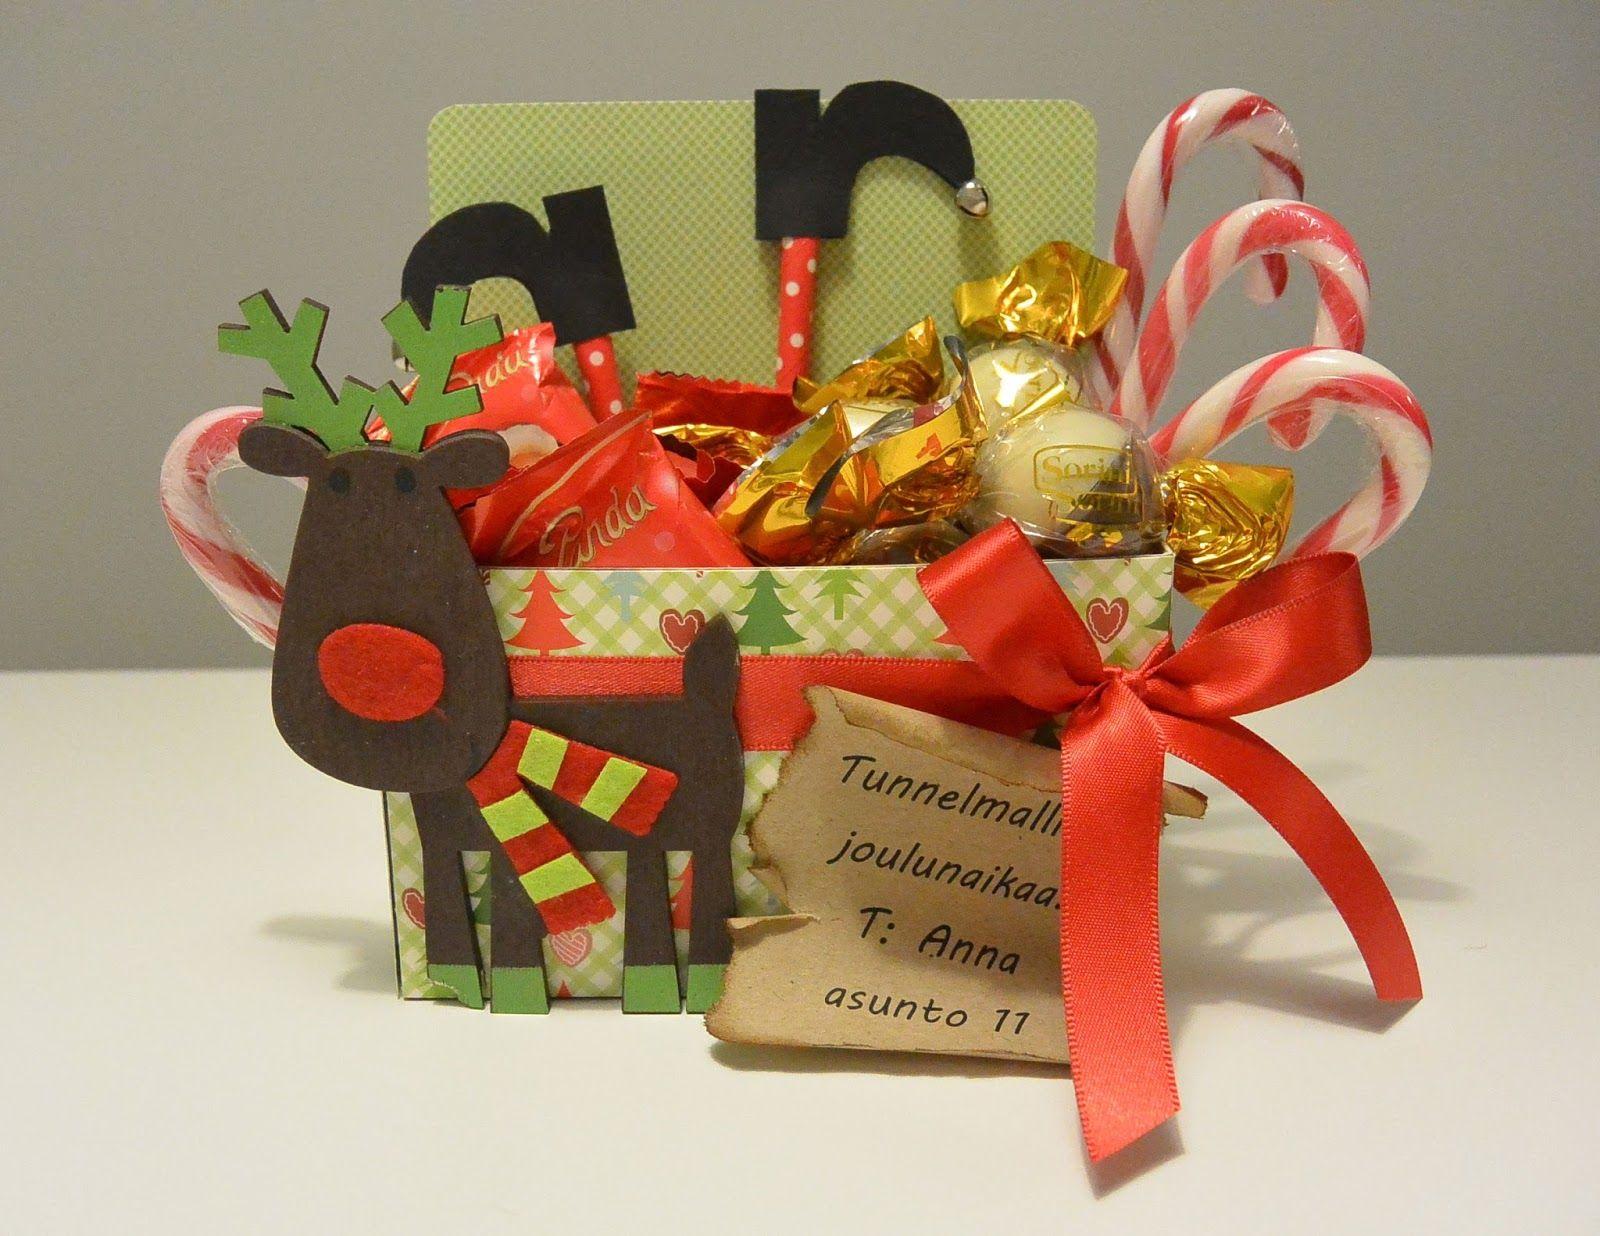 annan aarteet: joulumuistamisia